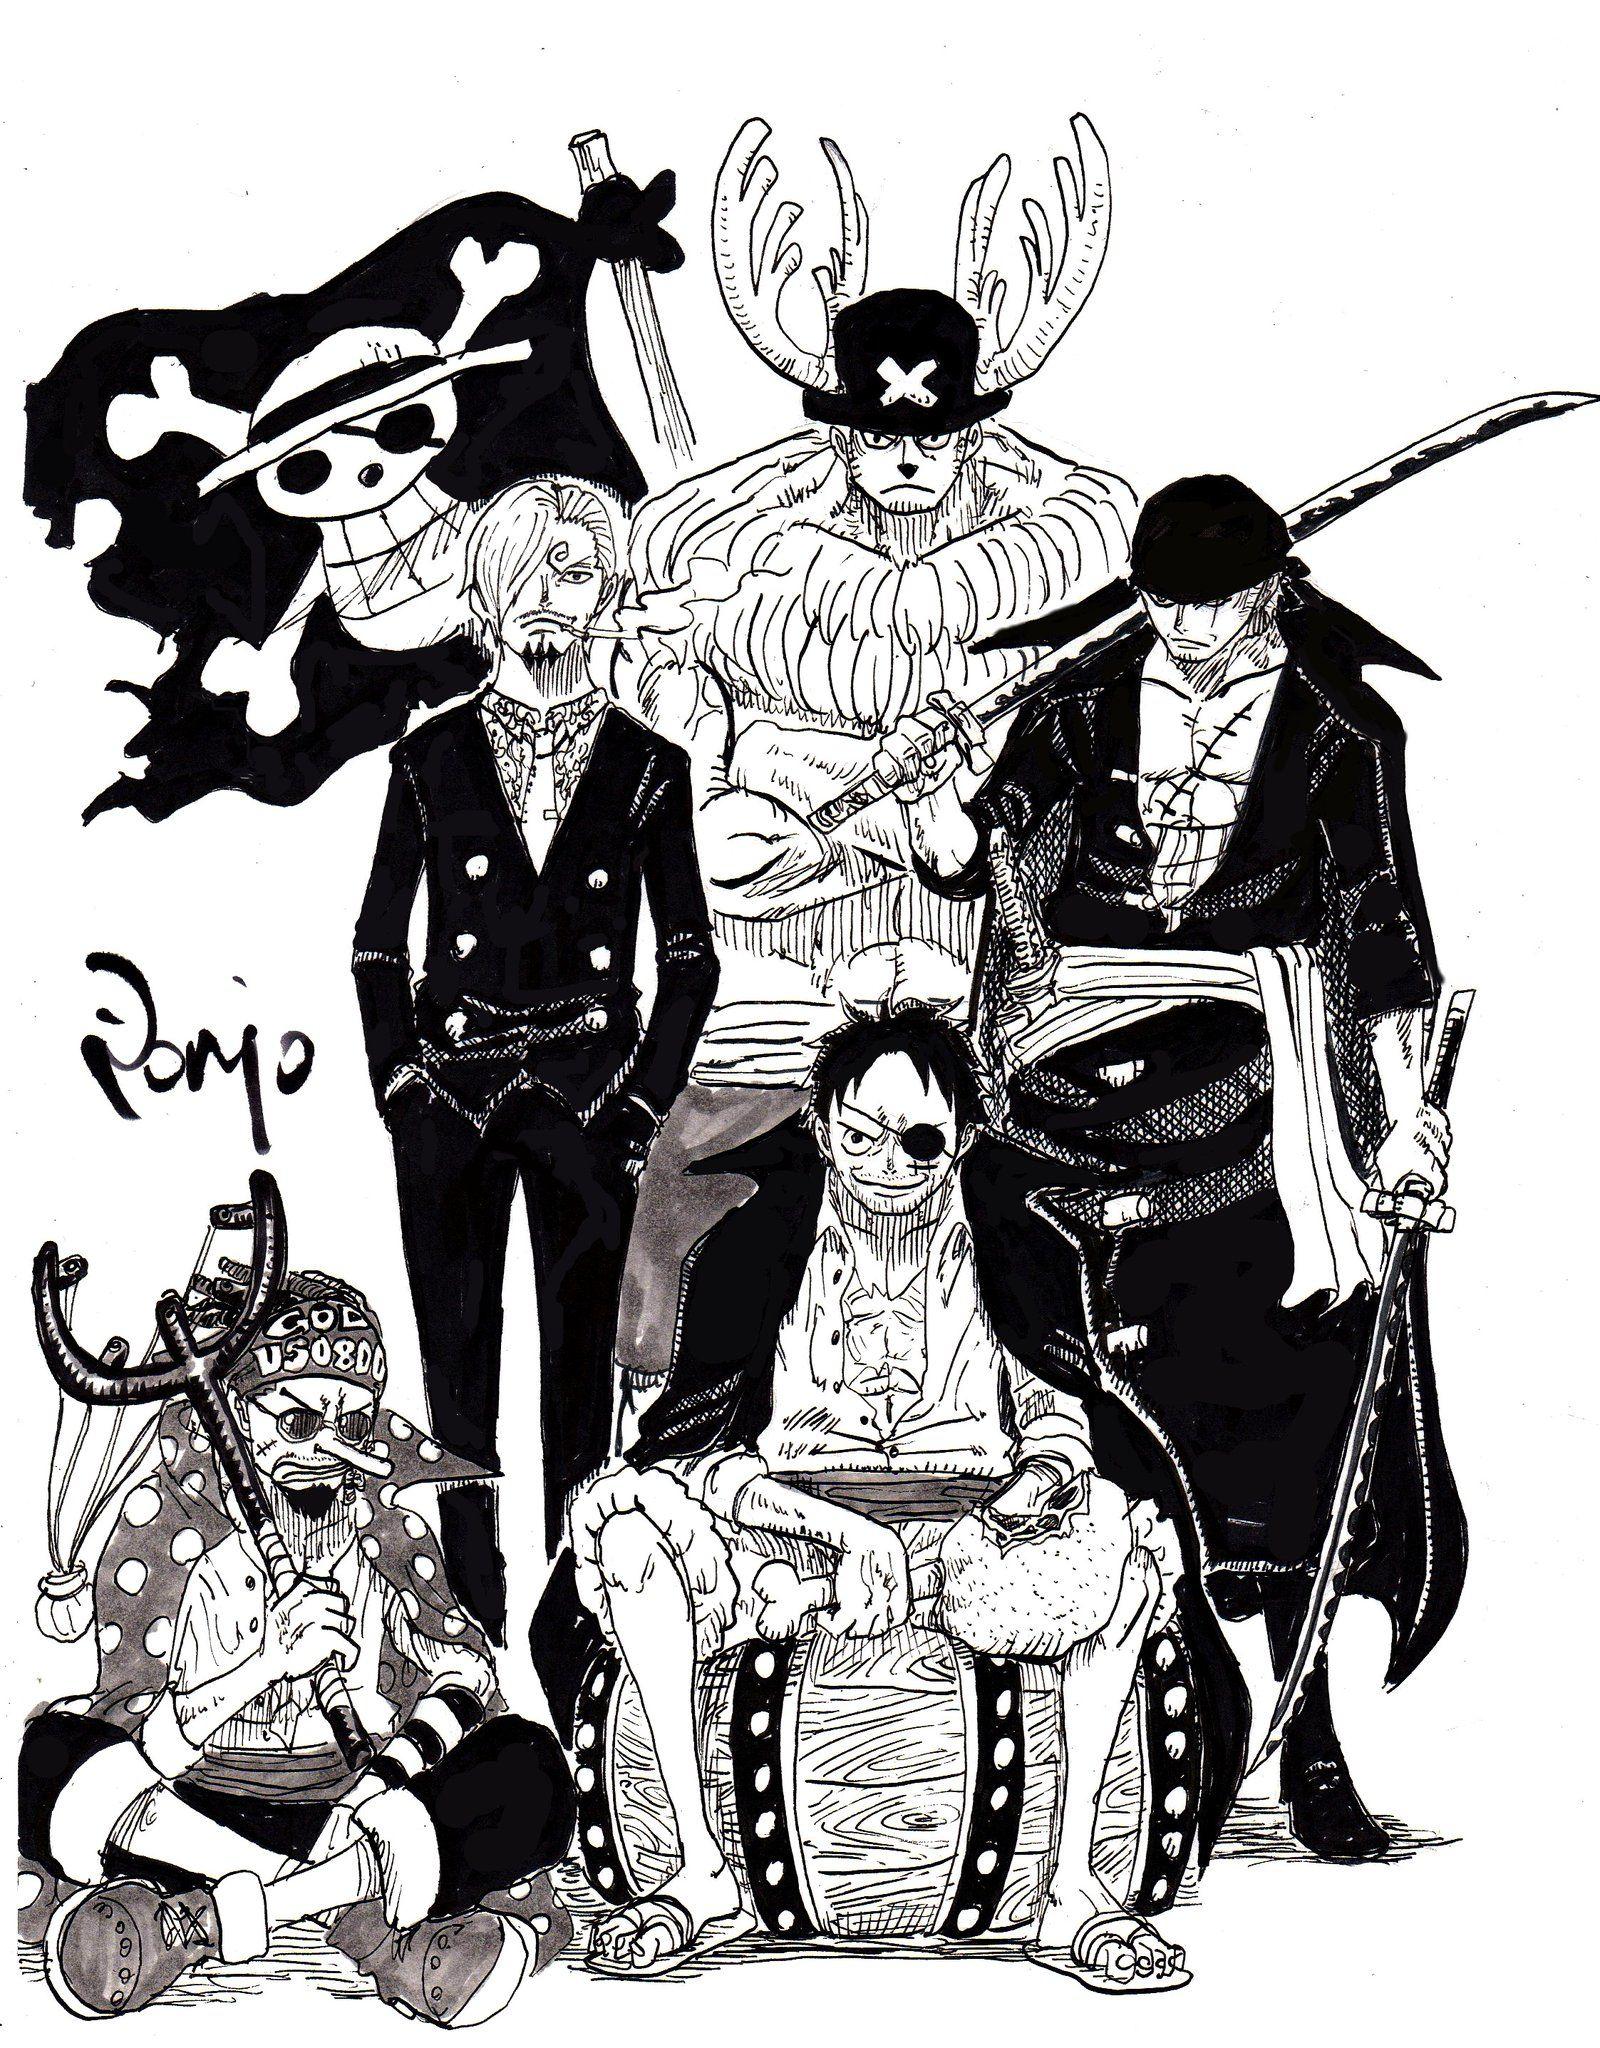 One Piece: Băng Mũ Rơm khi già đi trông sẽ như thế nào, câu trả lời tham khảo đã có rồi đây - Ảnh 3.